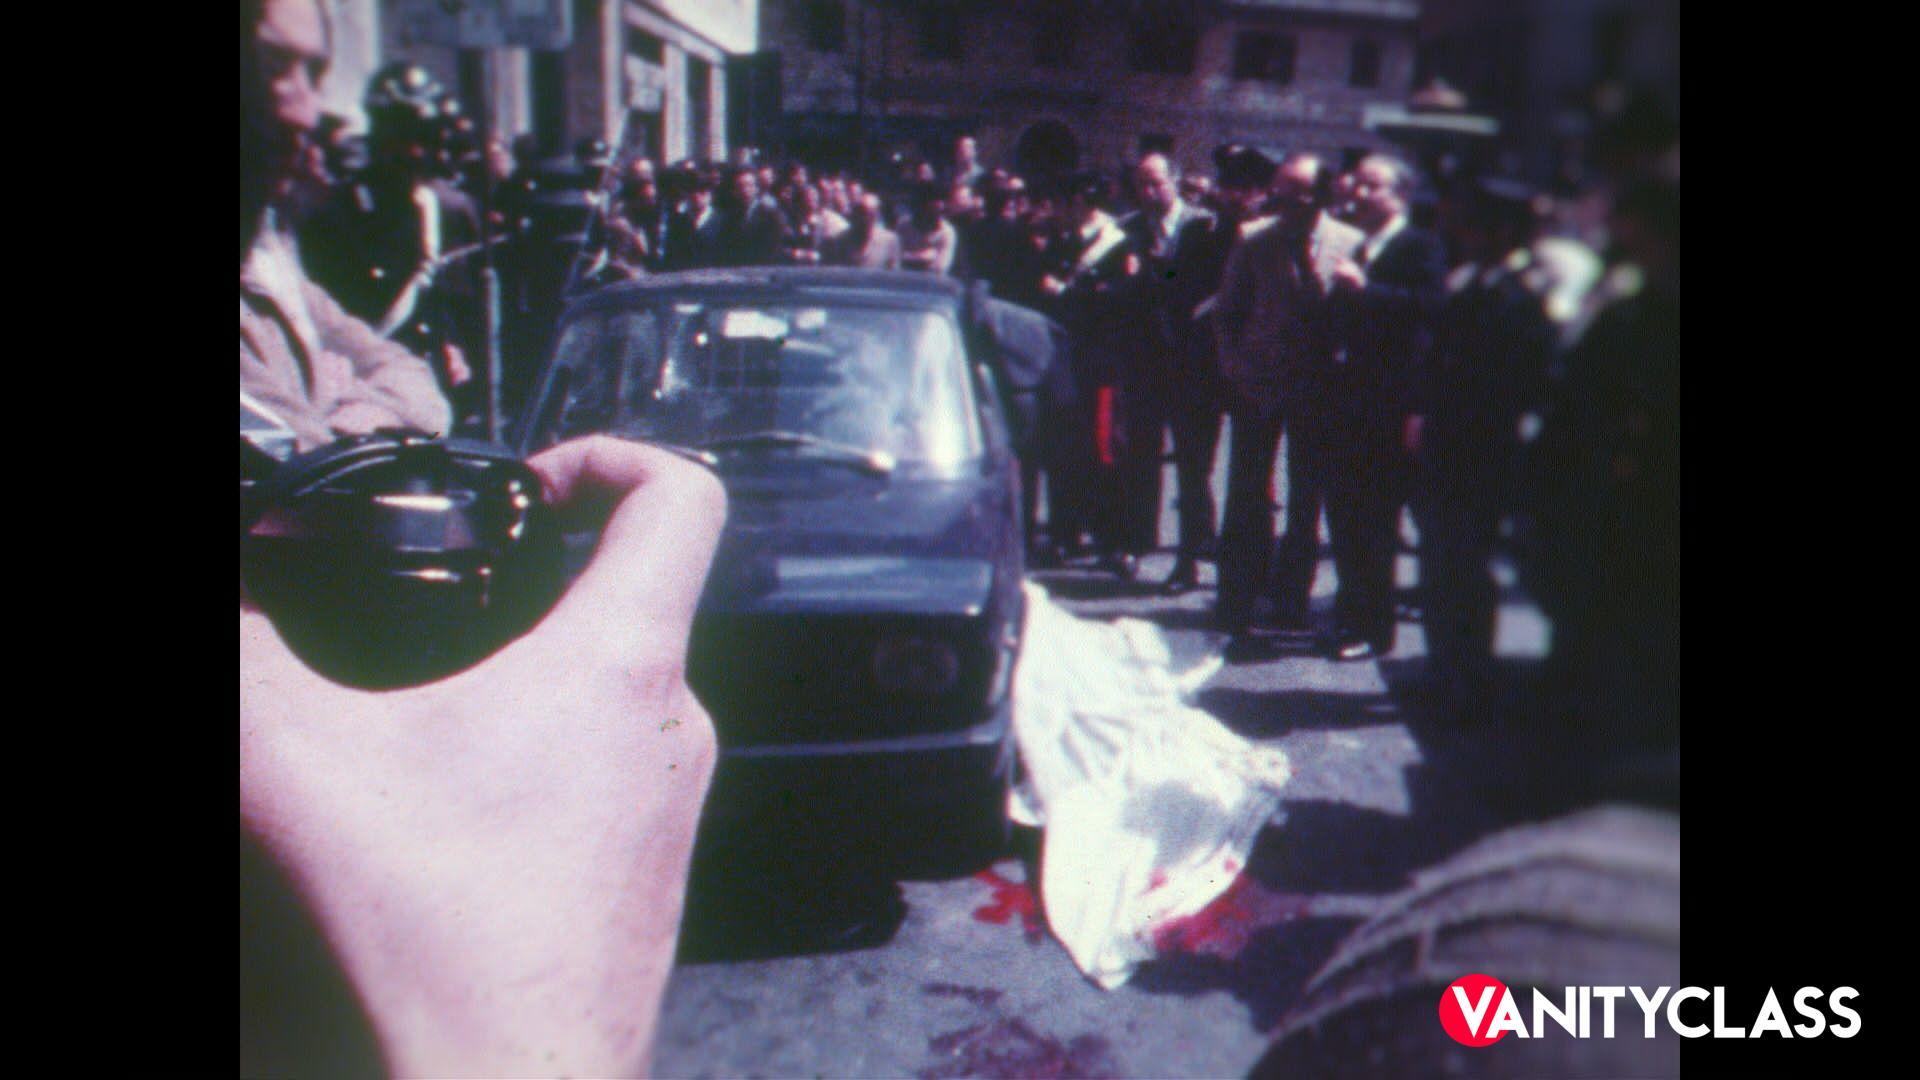 1974 1979. LE NOSTRE FERITE: il doc sugli anni di piombo su Rai 3 il 9 maggio, giornata delle vittime del terrorismo